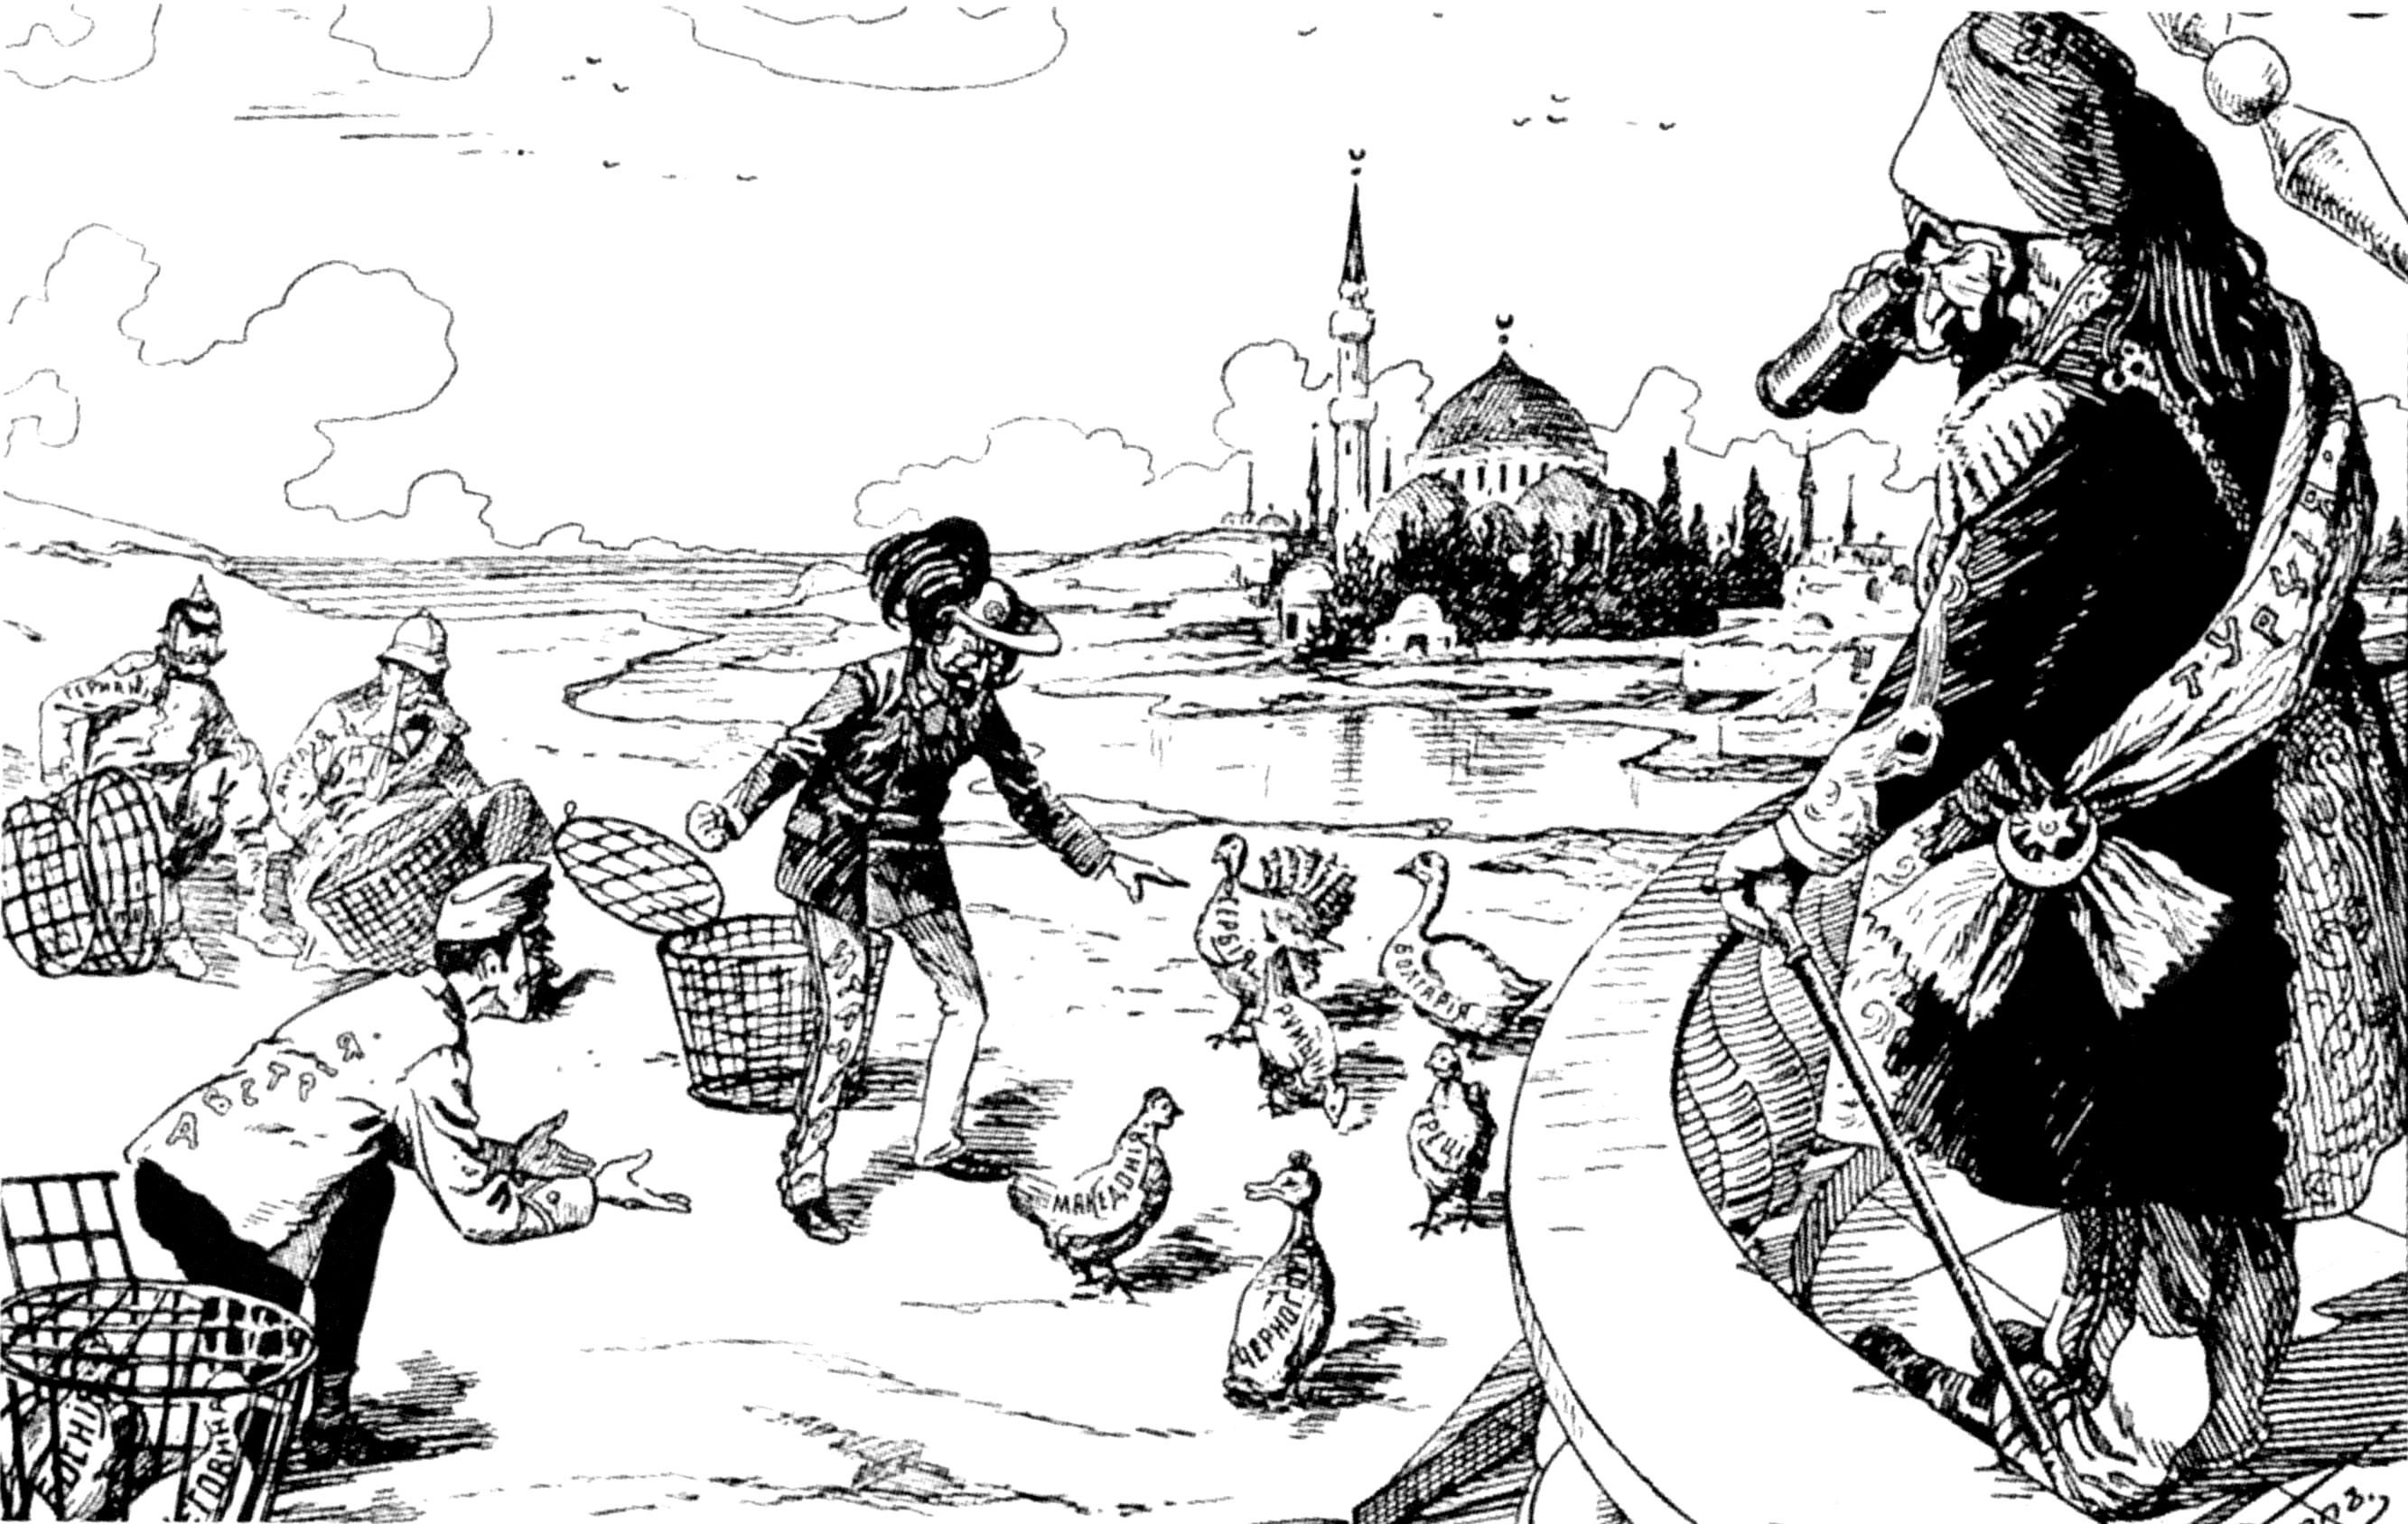 Political Cartoons During Ww2